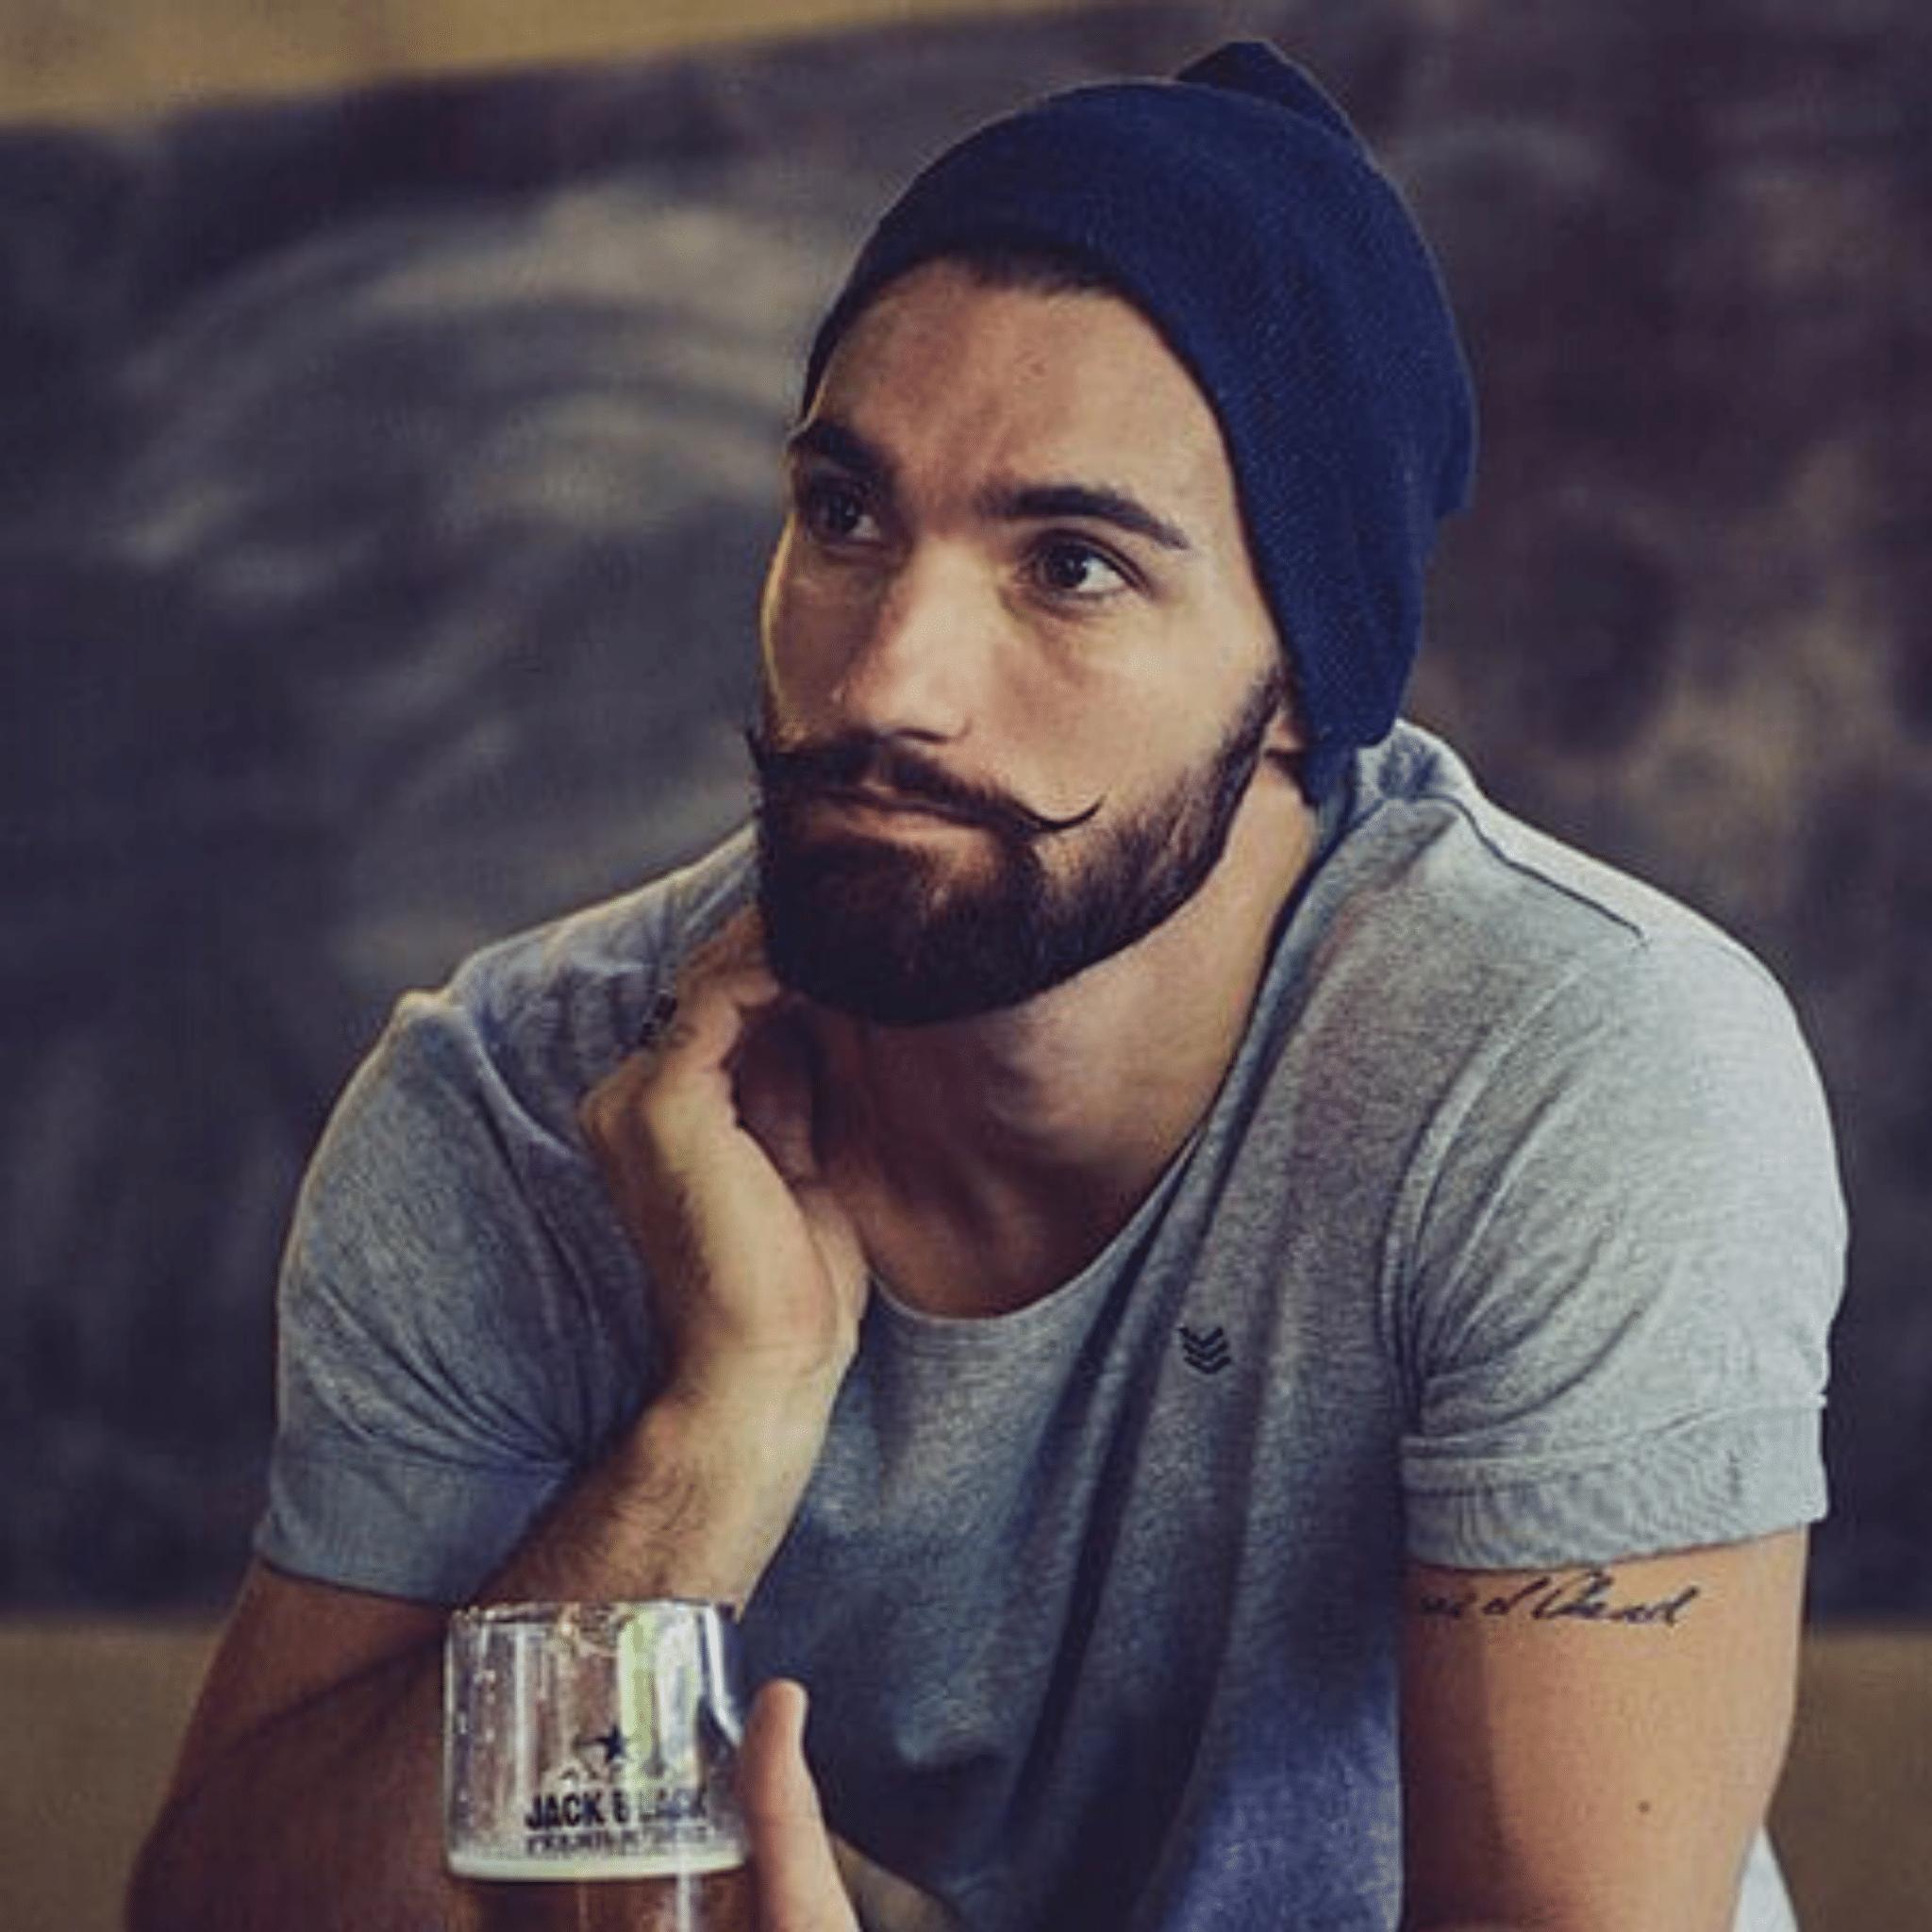 barba mustache